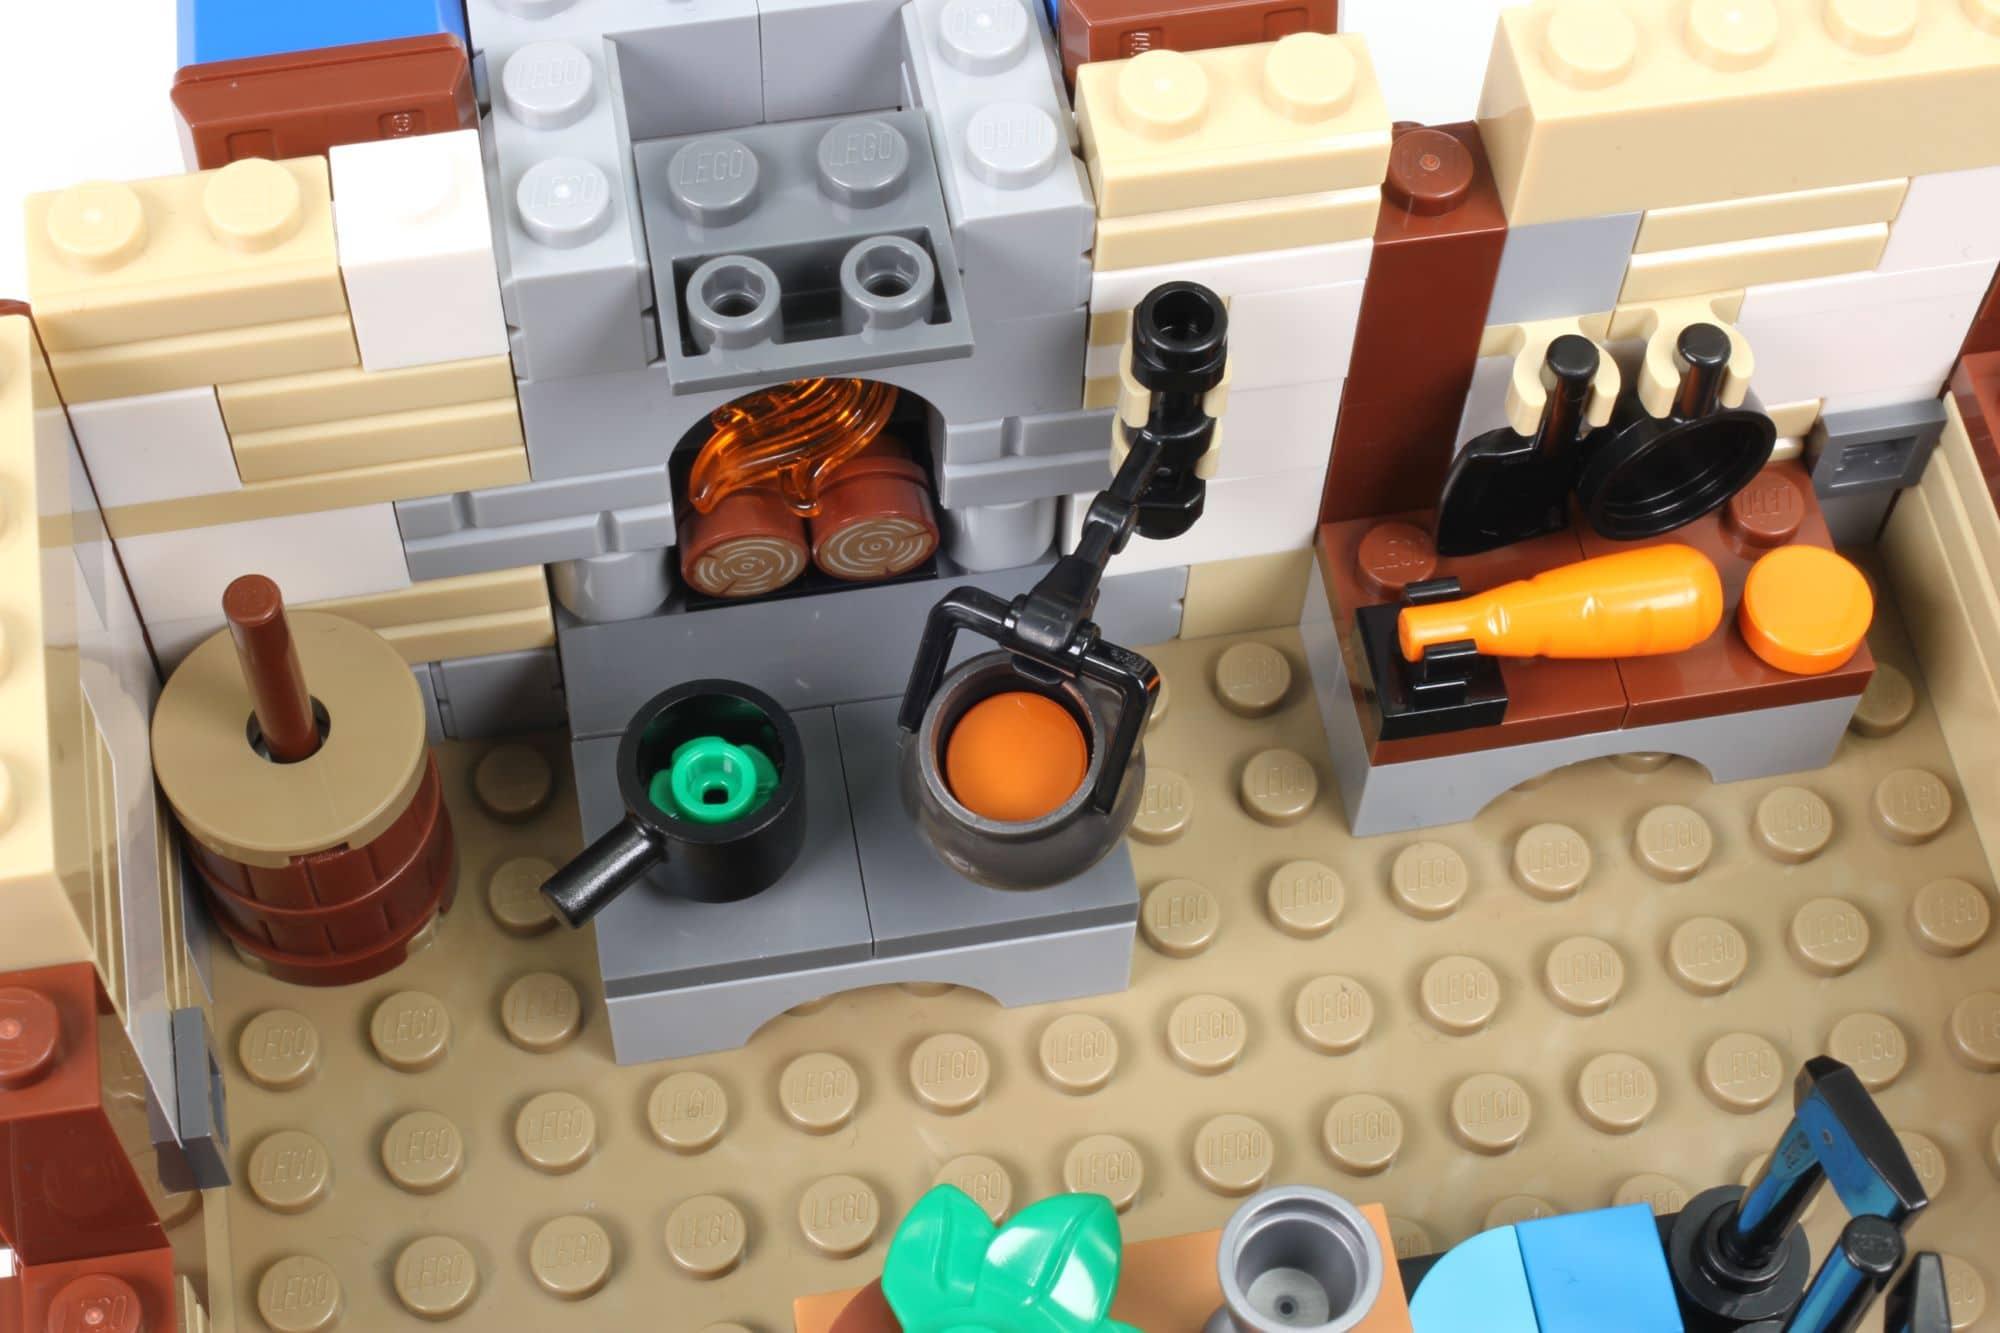 LEGO Ideas 21325 Mittelalterliche Schmiede Bauabschnitt 7 8